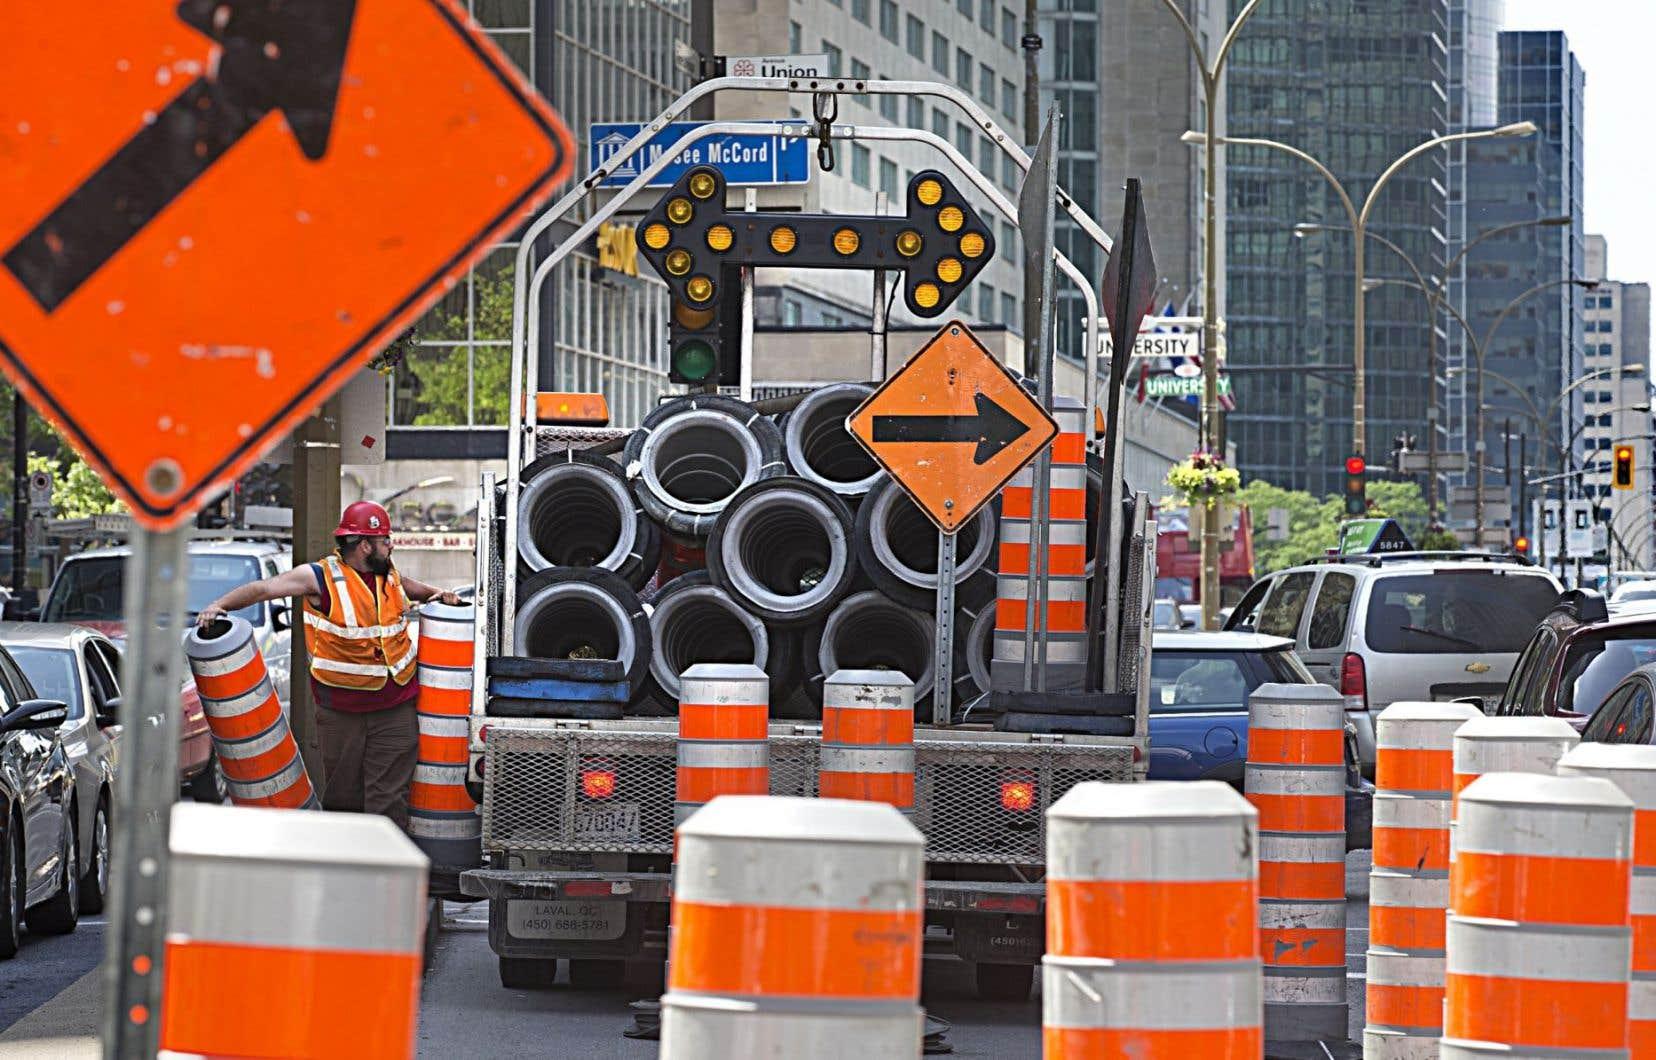 La Commission recommande entre autres la «dépolitisation» du processus de réfection des chaussées et infrastructures routières. Les élus ont tendance à intervenir en faveur des projets de leur circonscription.